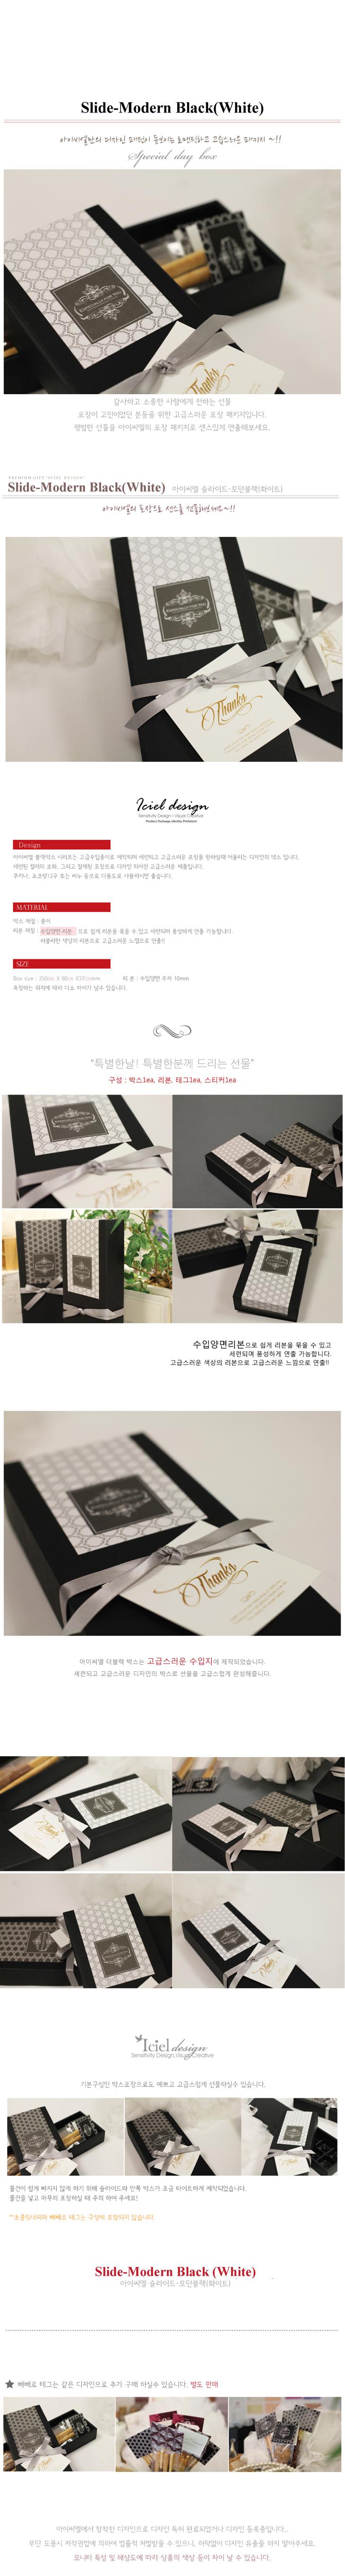 아이씨엘 슬라이드-Modern Black (white) - 아이씨엘, 3,900원, 상자/케이스, 심플